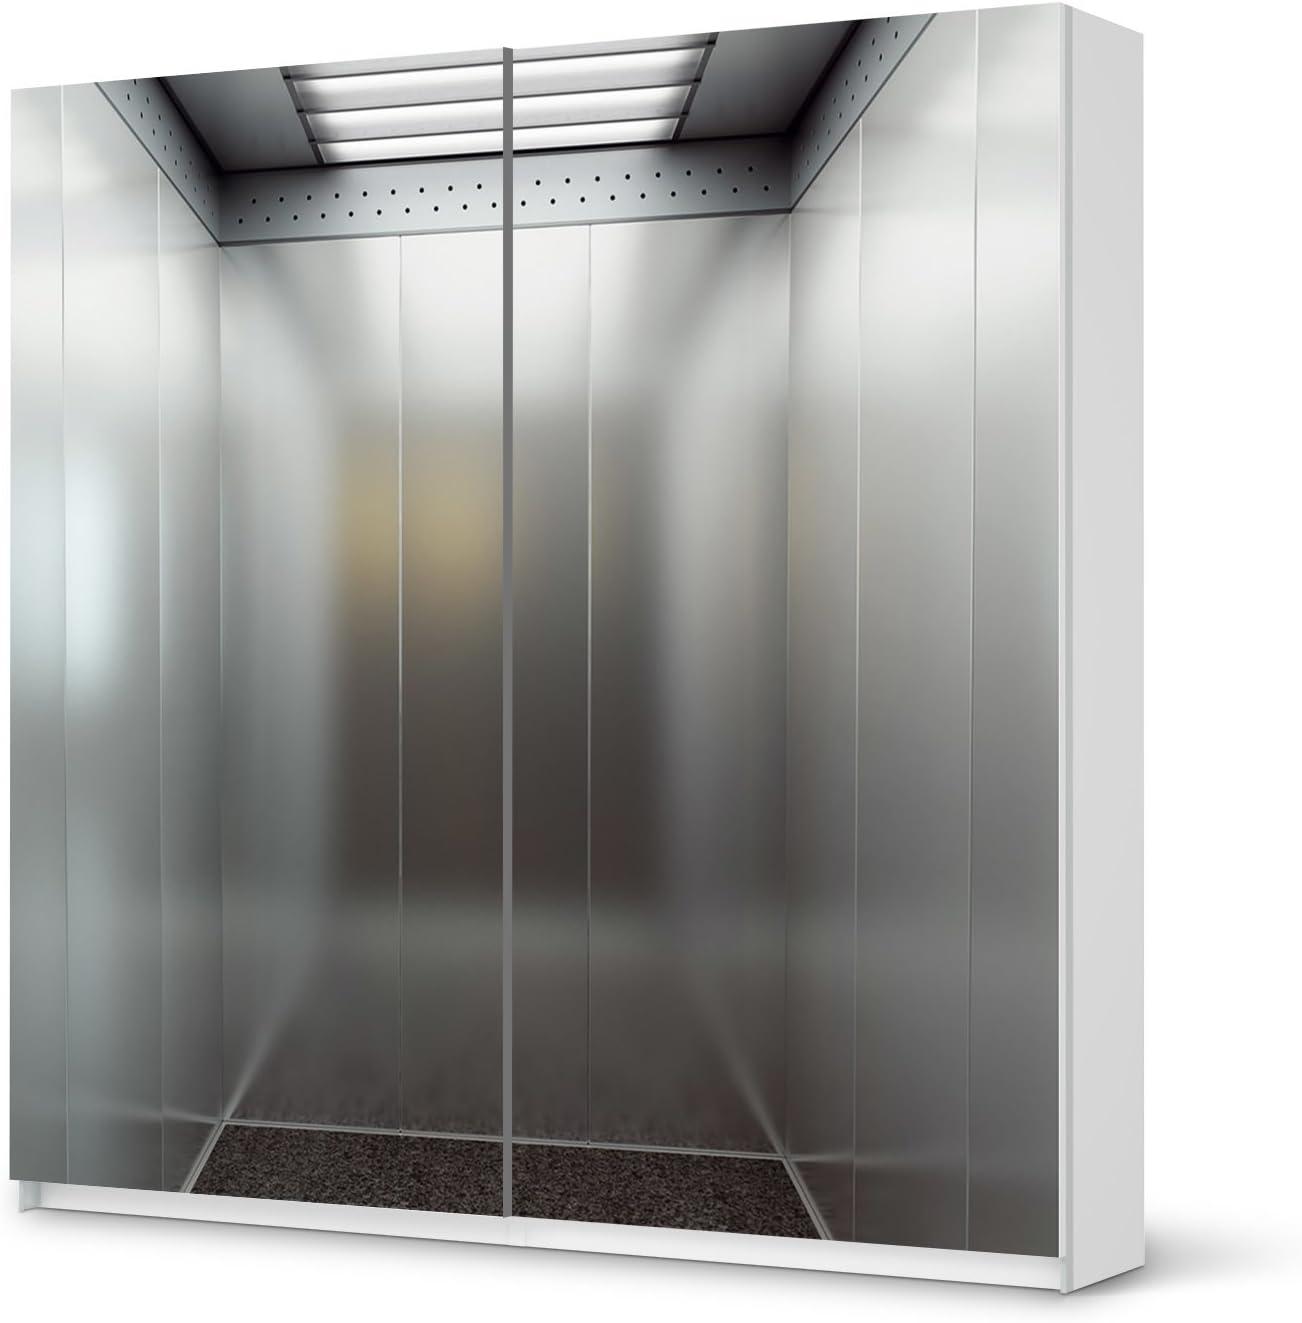 Los muebles-adhesivo de IKEA PAX armario de 201 cm de altura - puerta corredera/con diseño de pegatinas de bloqueador de escalada/Autoadhesivo de protección: Amazon.es: Hogar